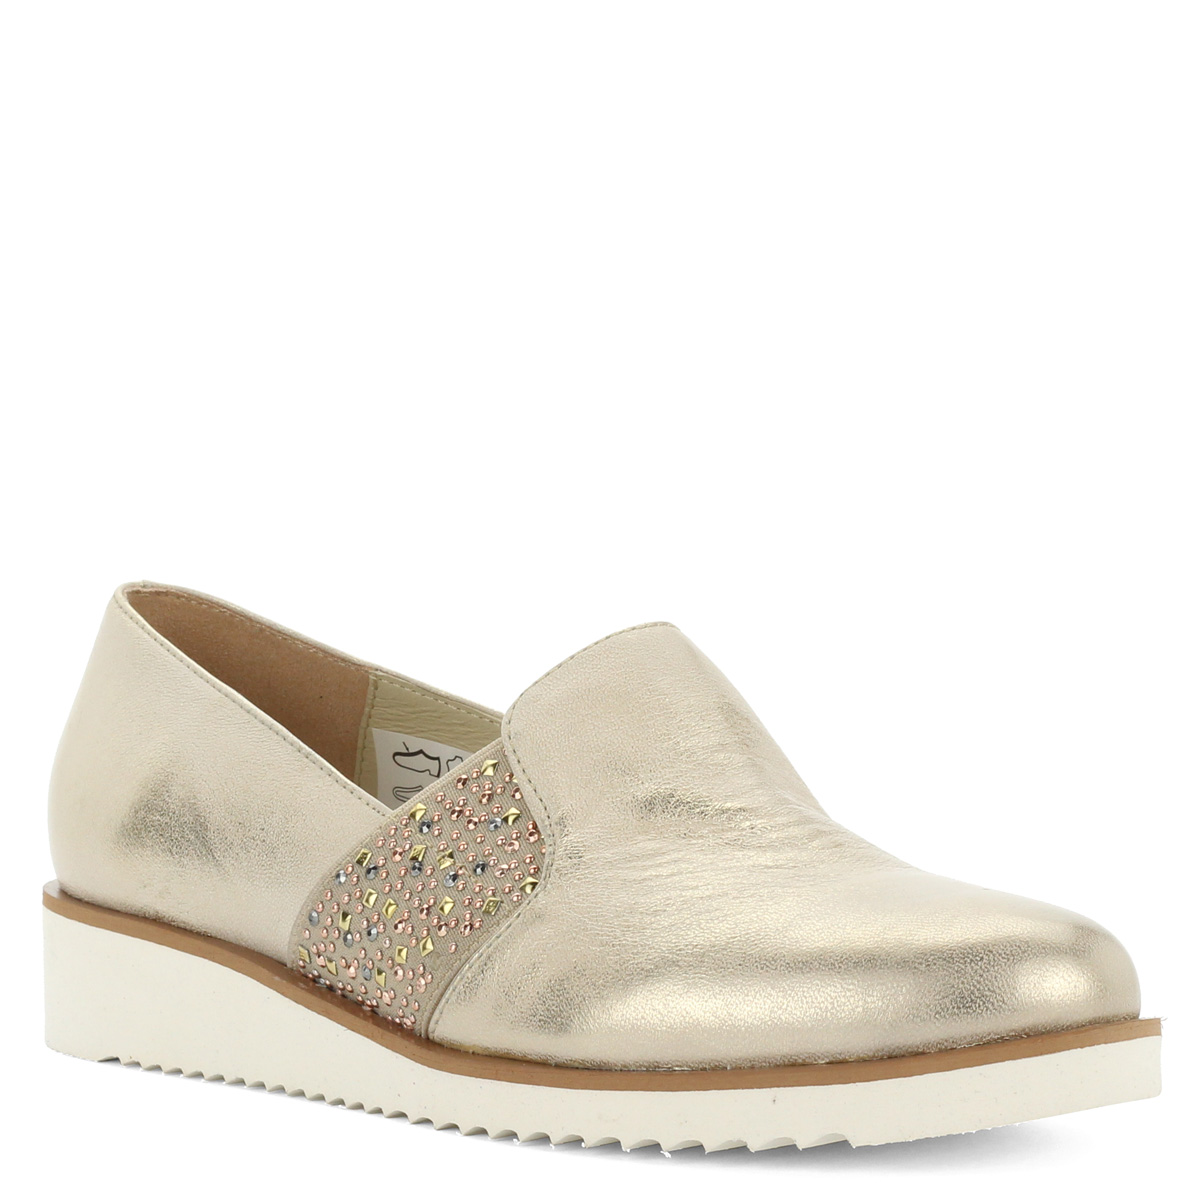 Baldaccini arany bőr slipon fehér gumi talppal. A cipő kívül-belül  természetes bőrből készült 289fcce9ef